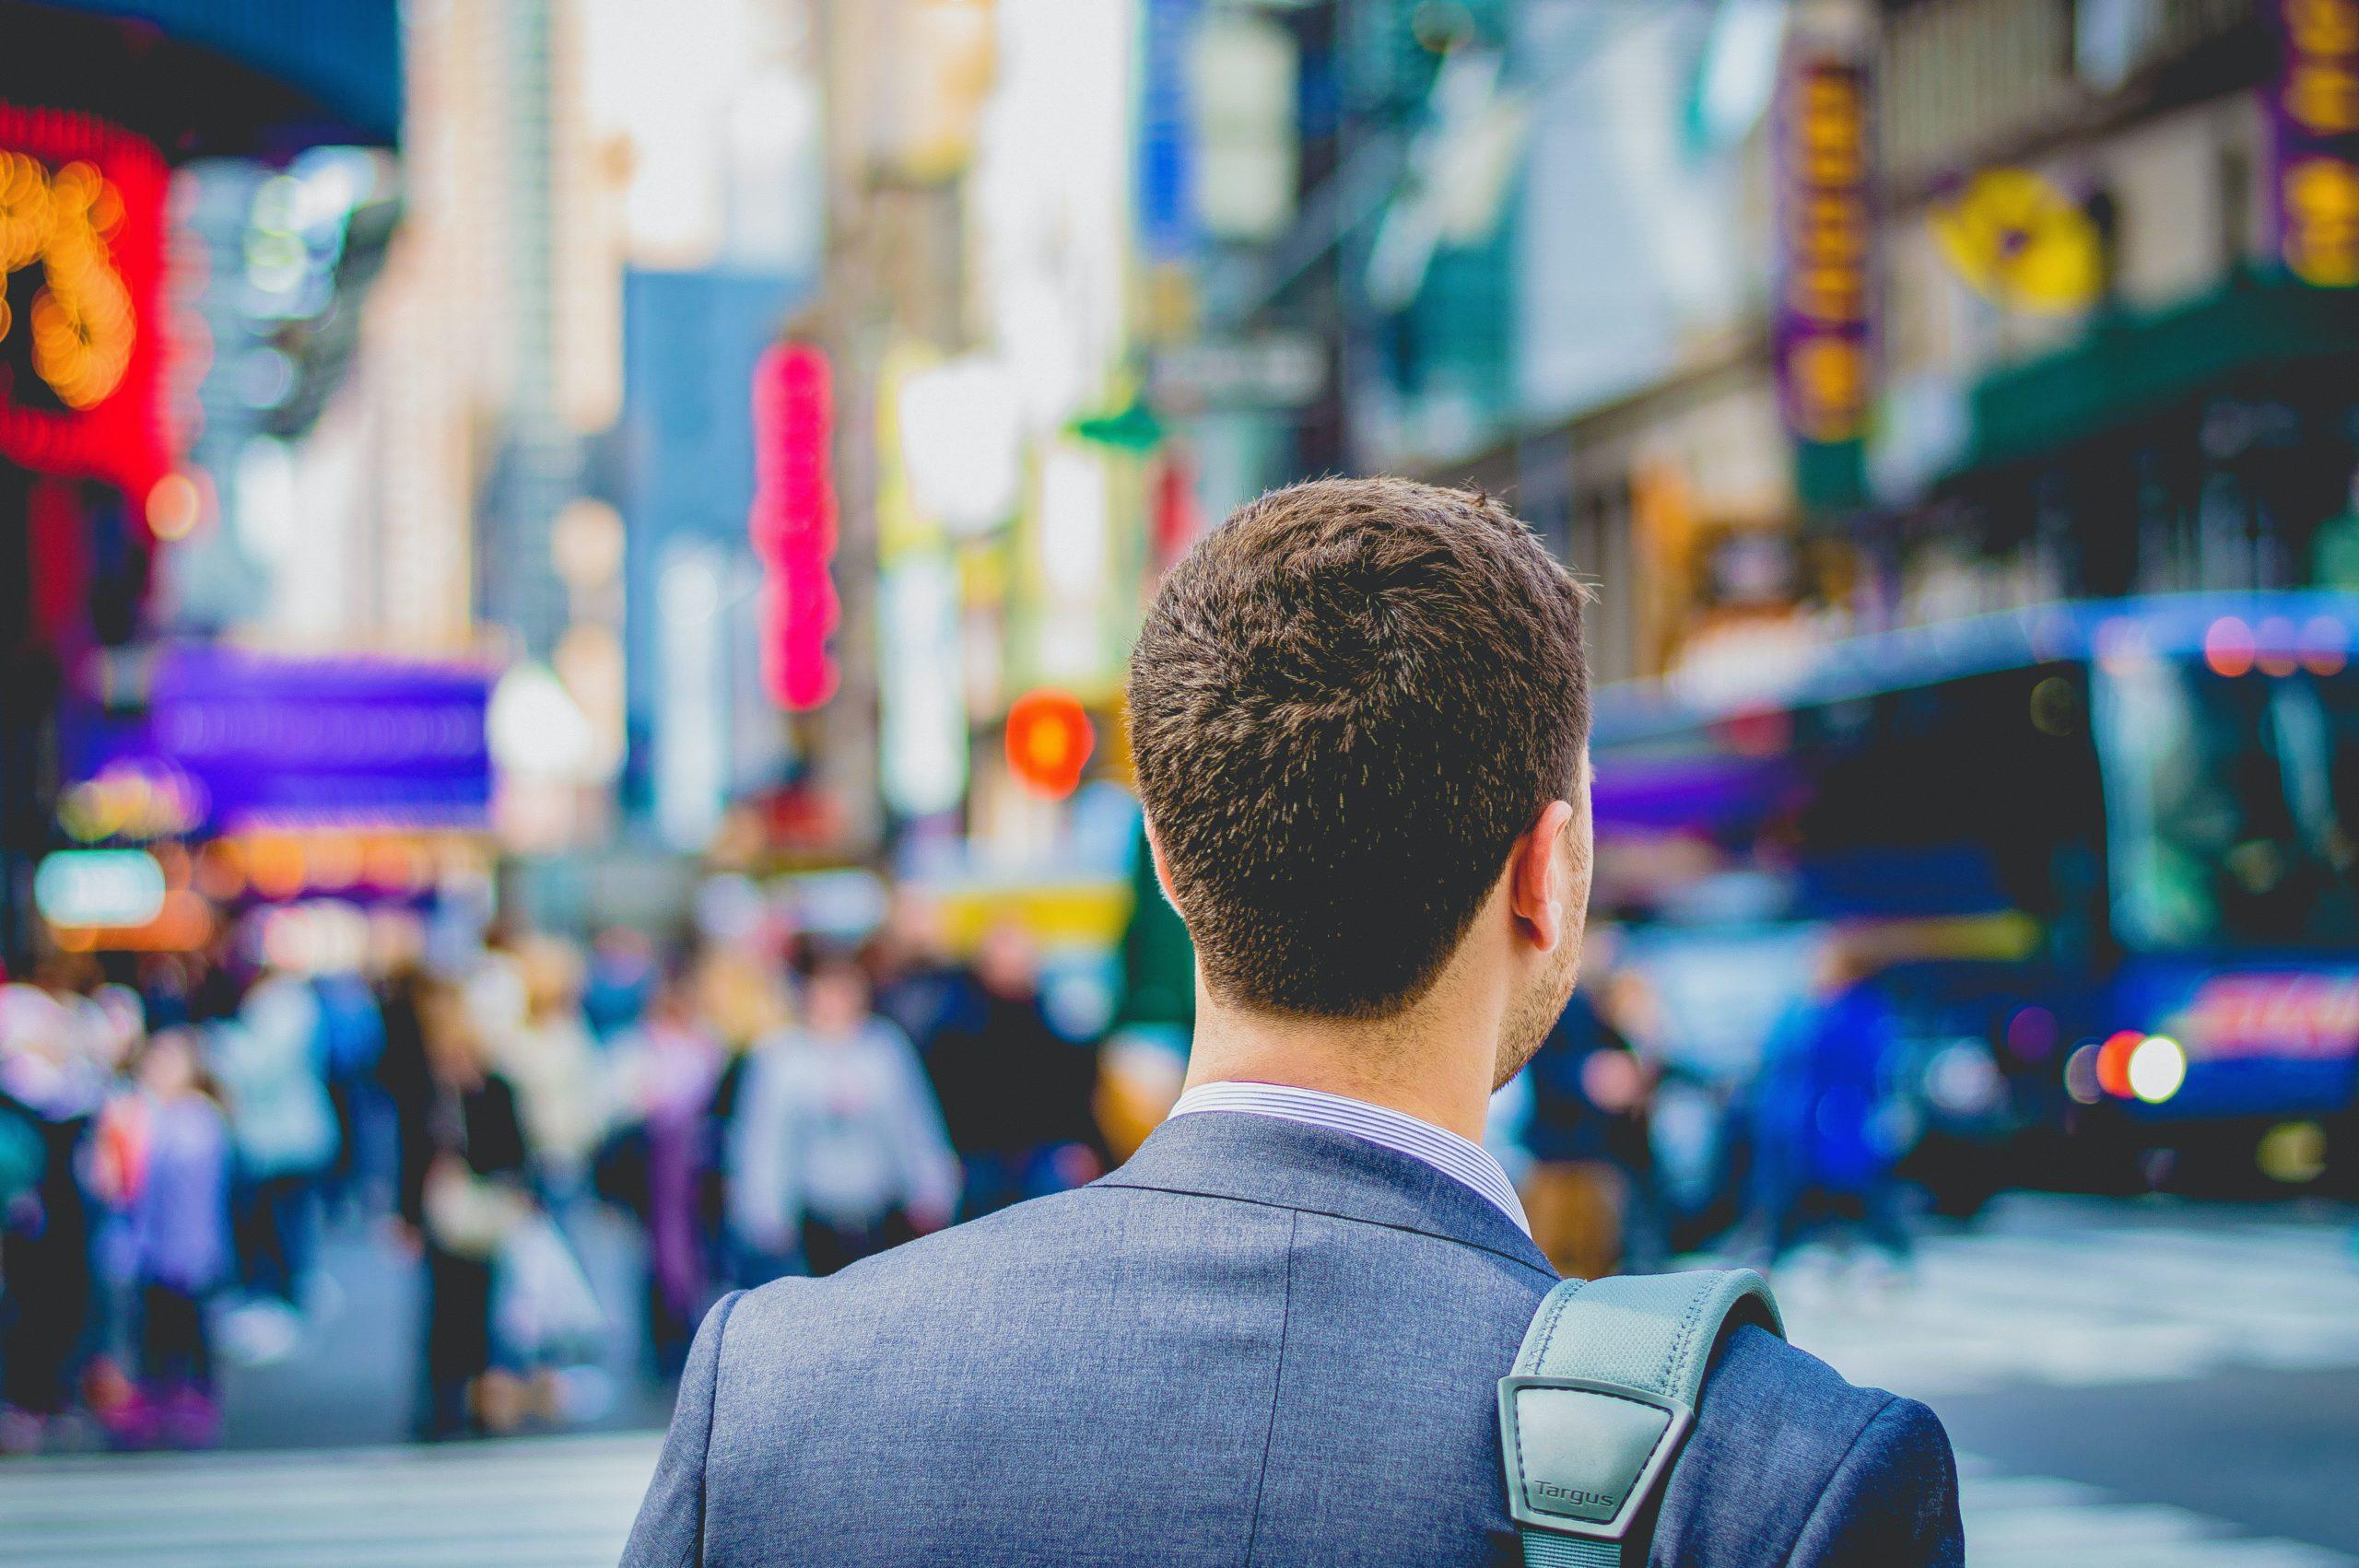 中小企業に転職する2つのメリット【スキルが身につきやすく年収上がる】